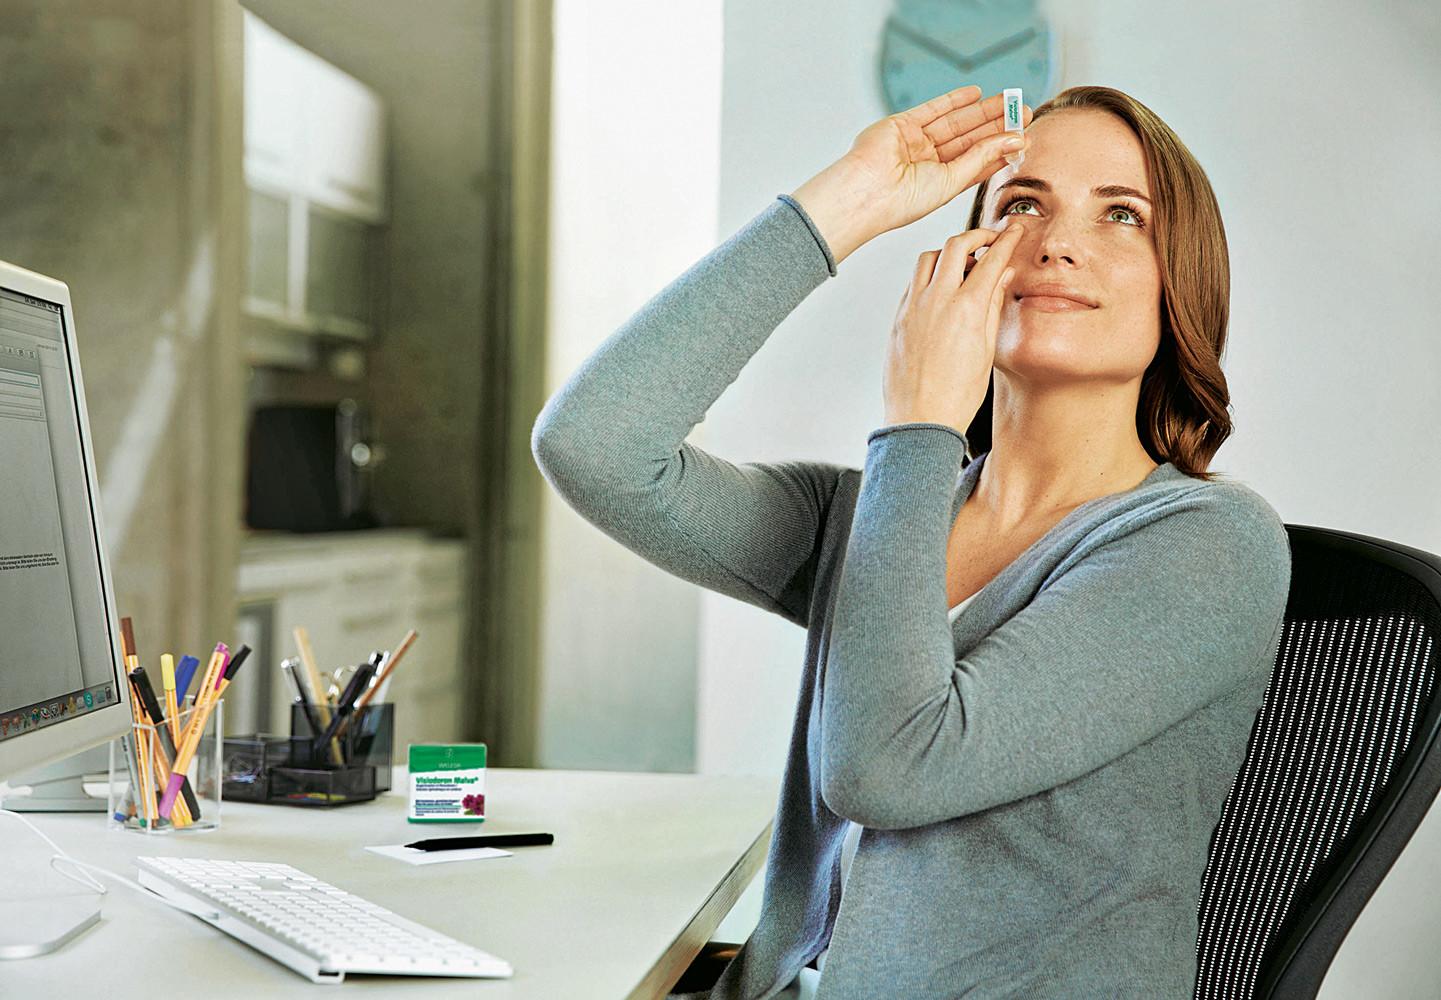 Как снизить усталость глаз: советы для офисных работников